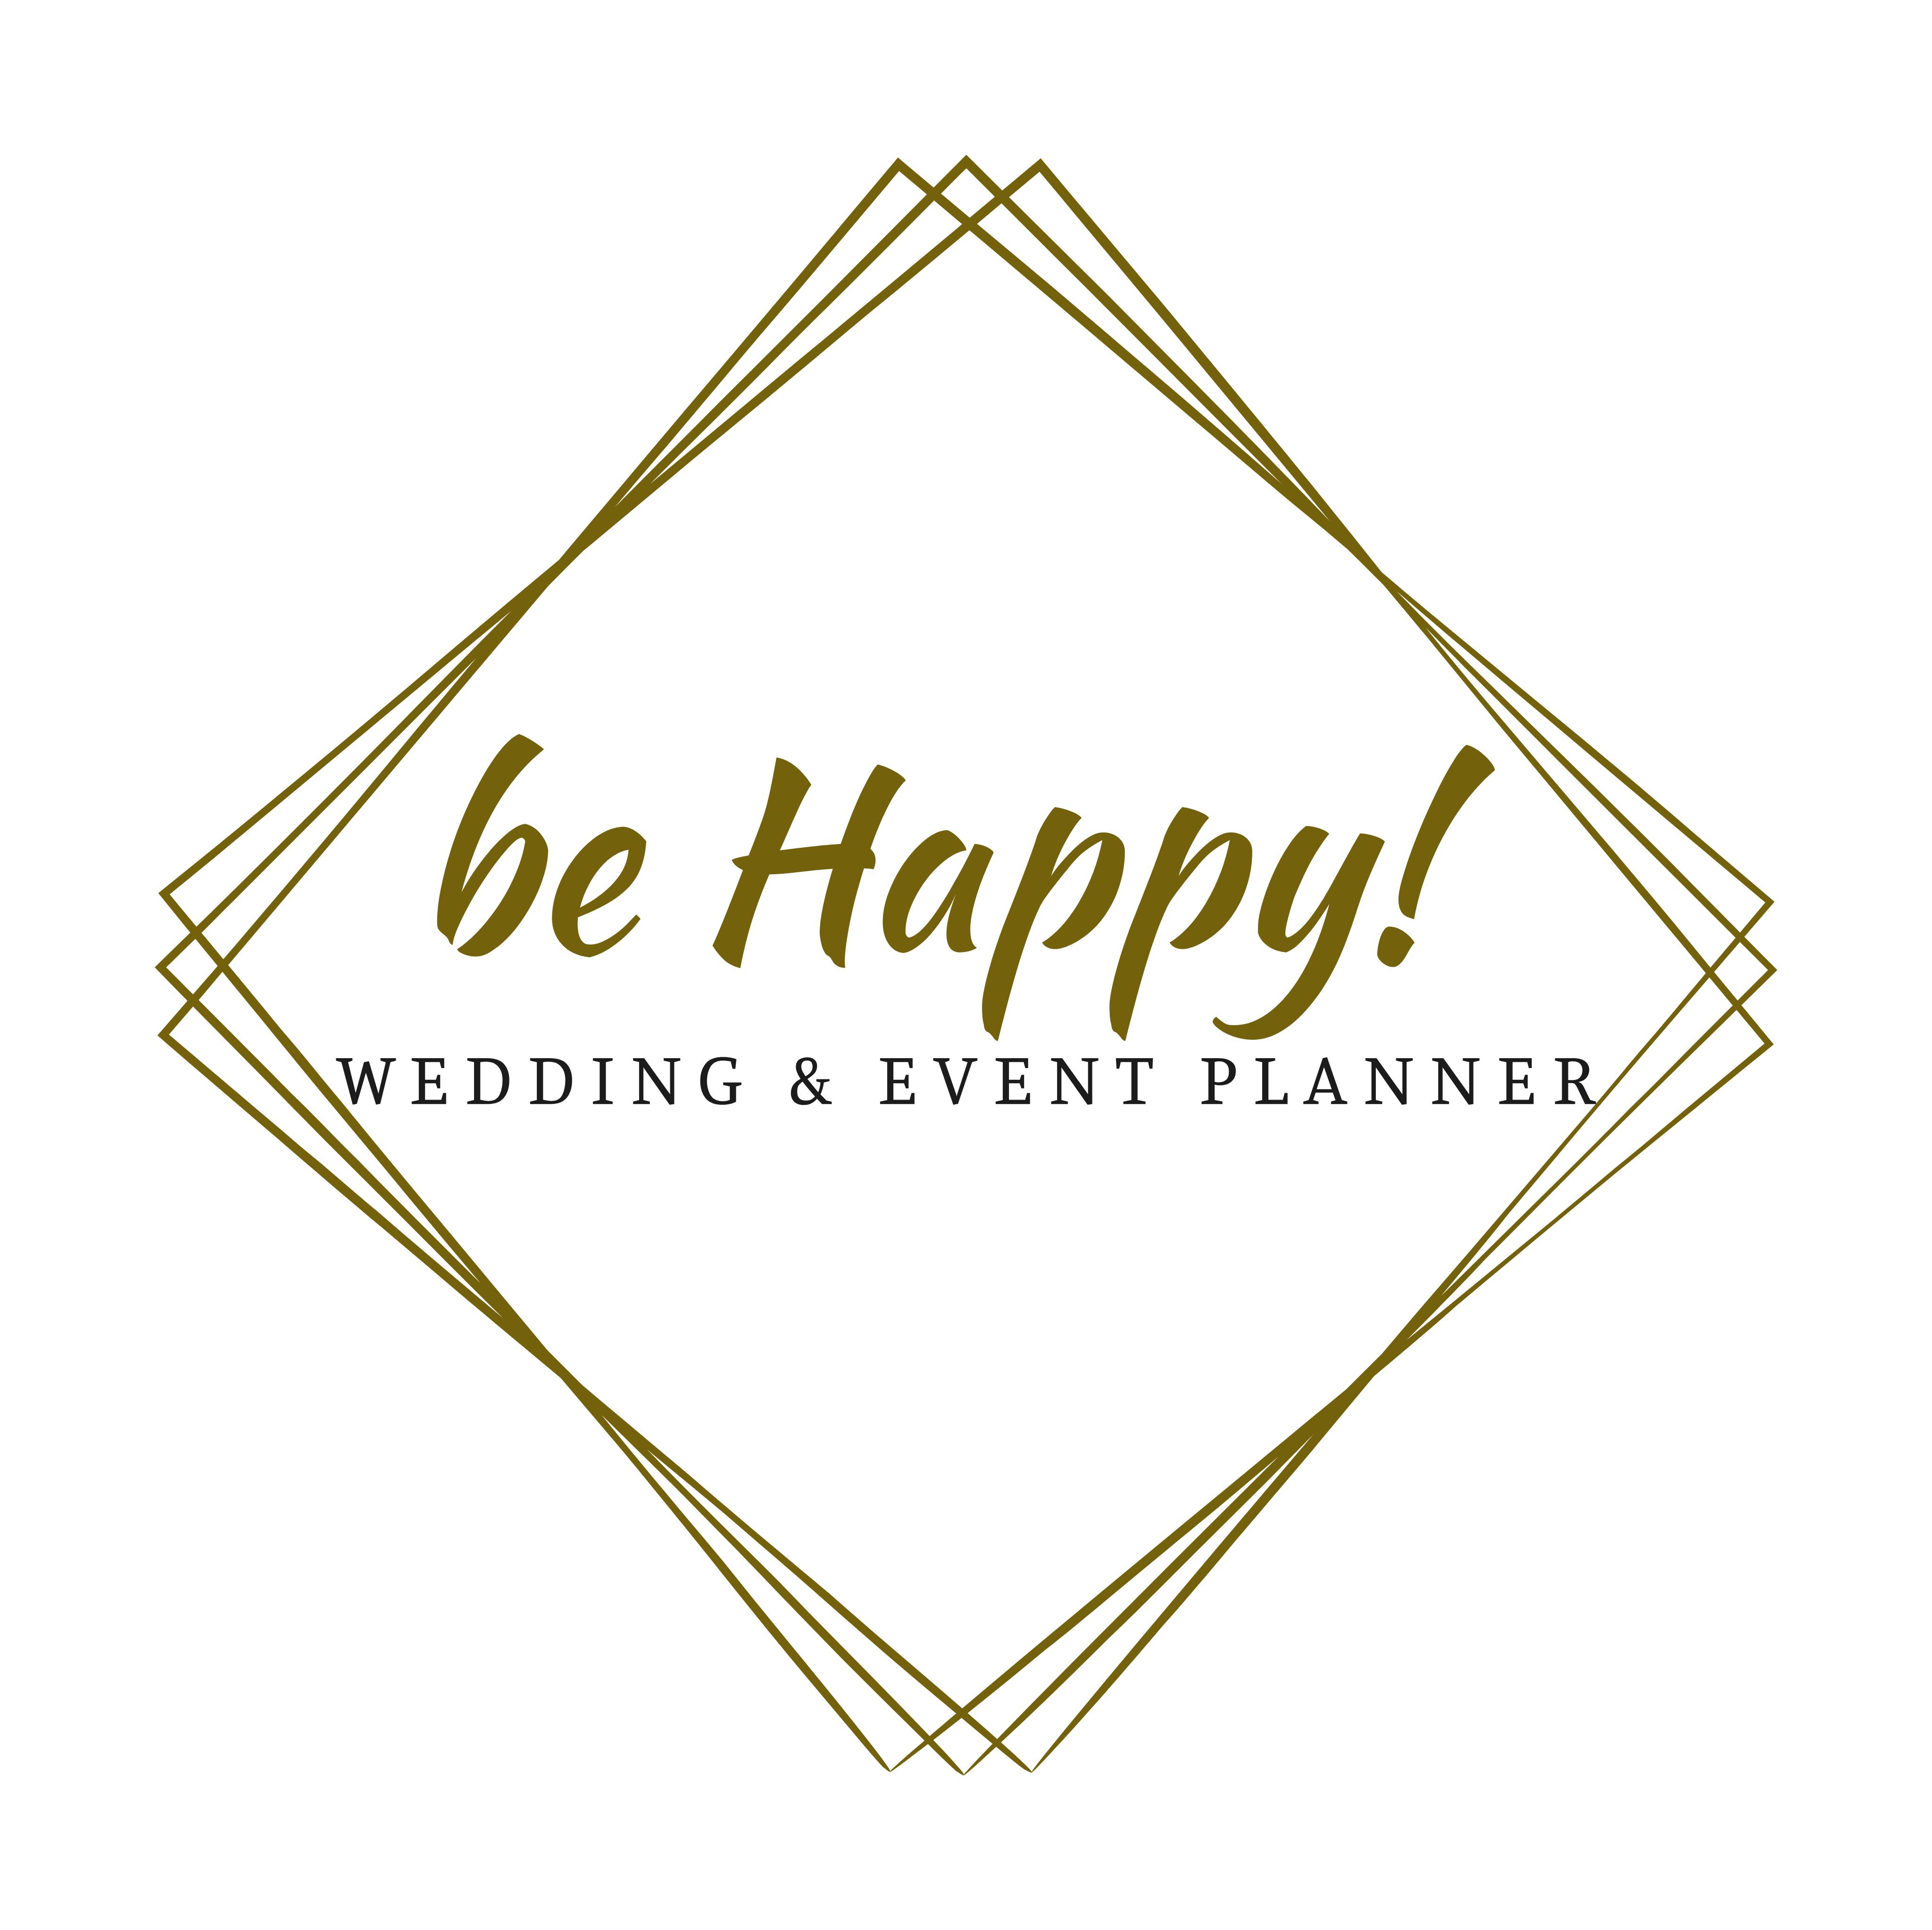 be Happy! Wedding & Event Planner, Szczecin - zdjęcie 1